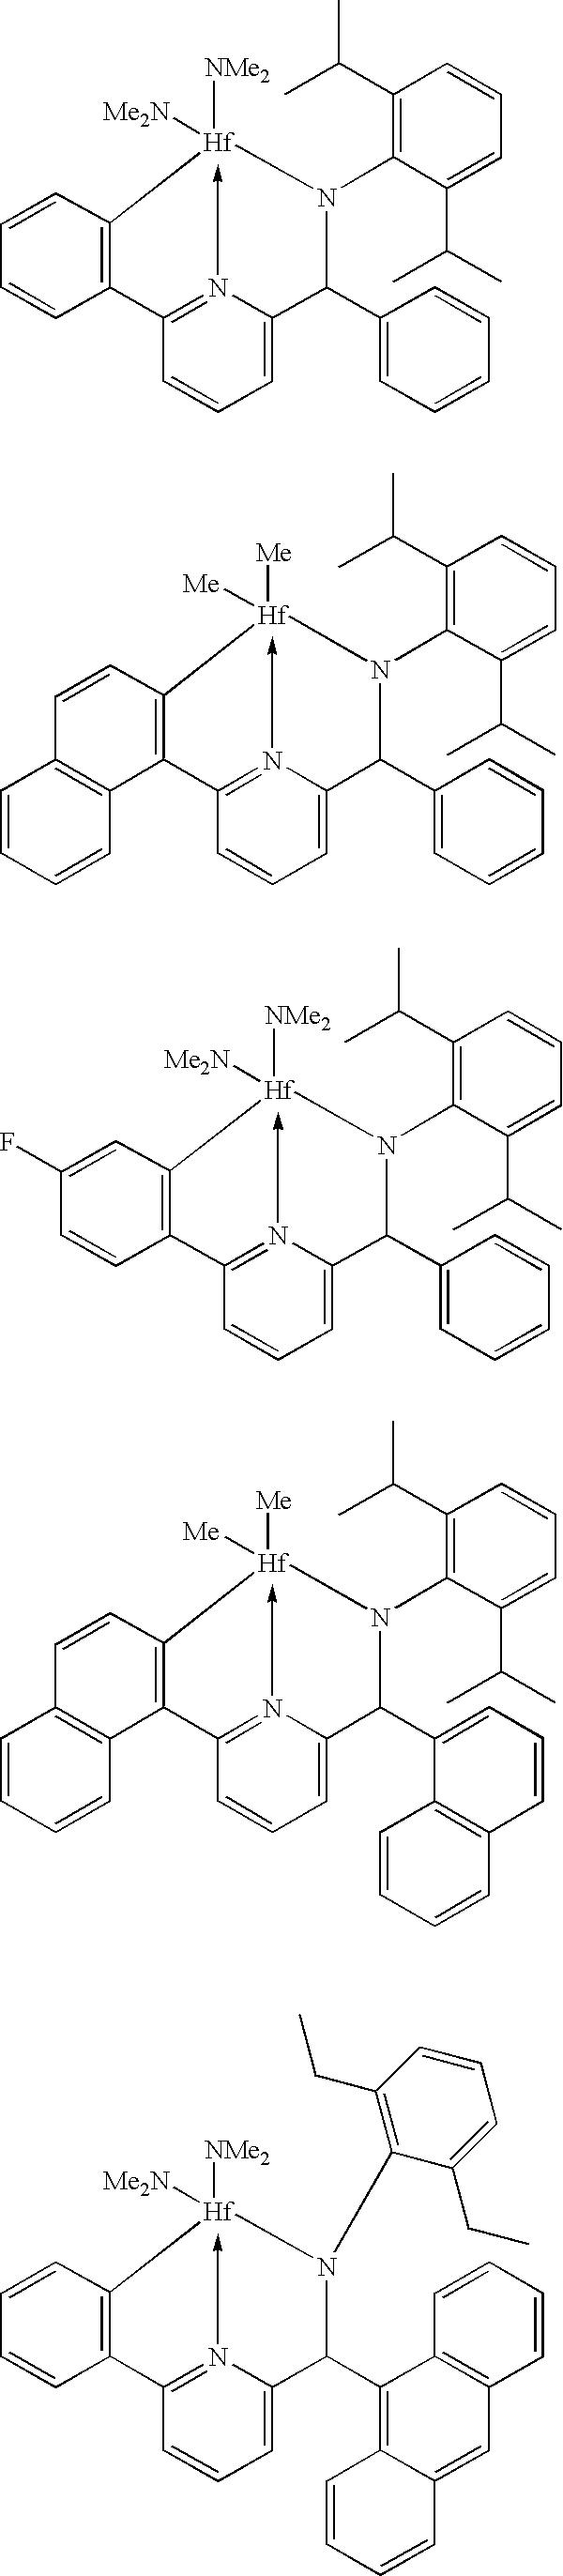 Figure US06900321-20050531-C00063